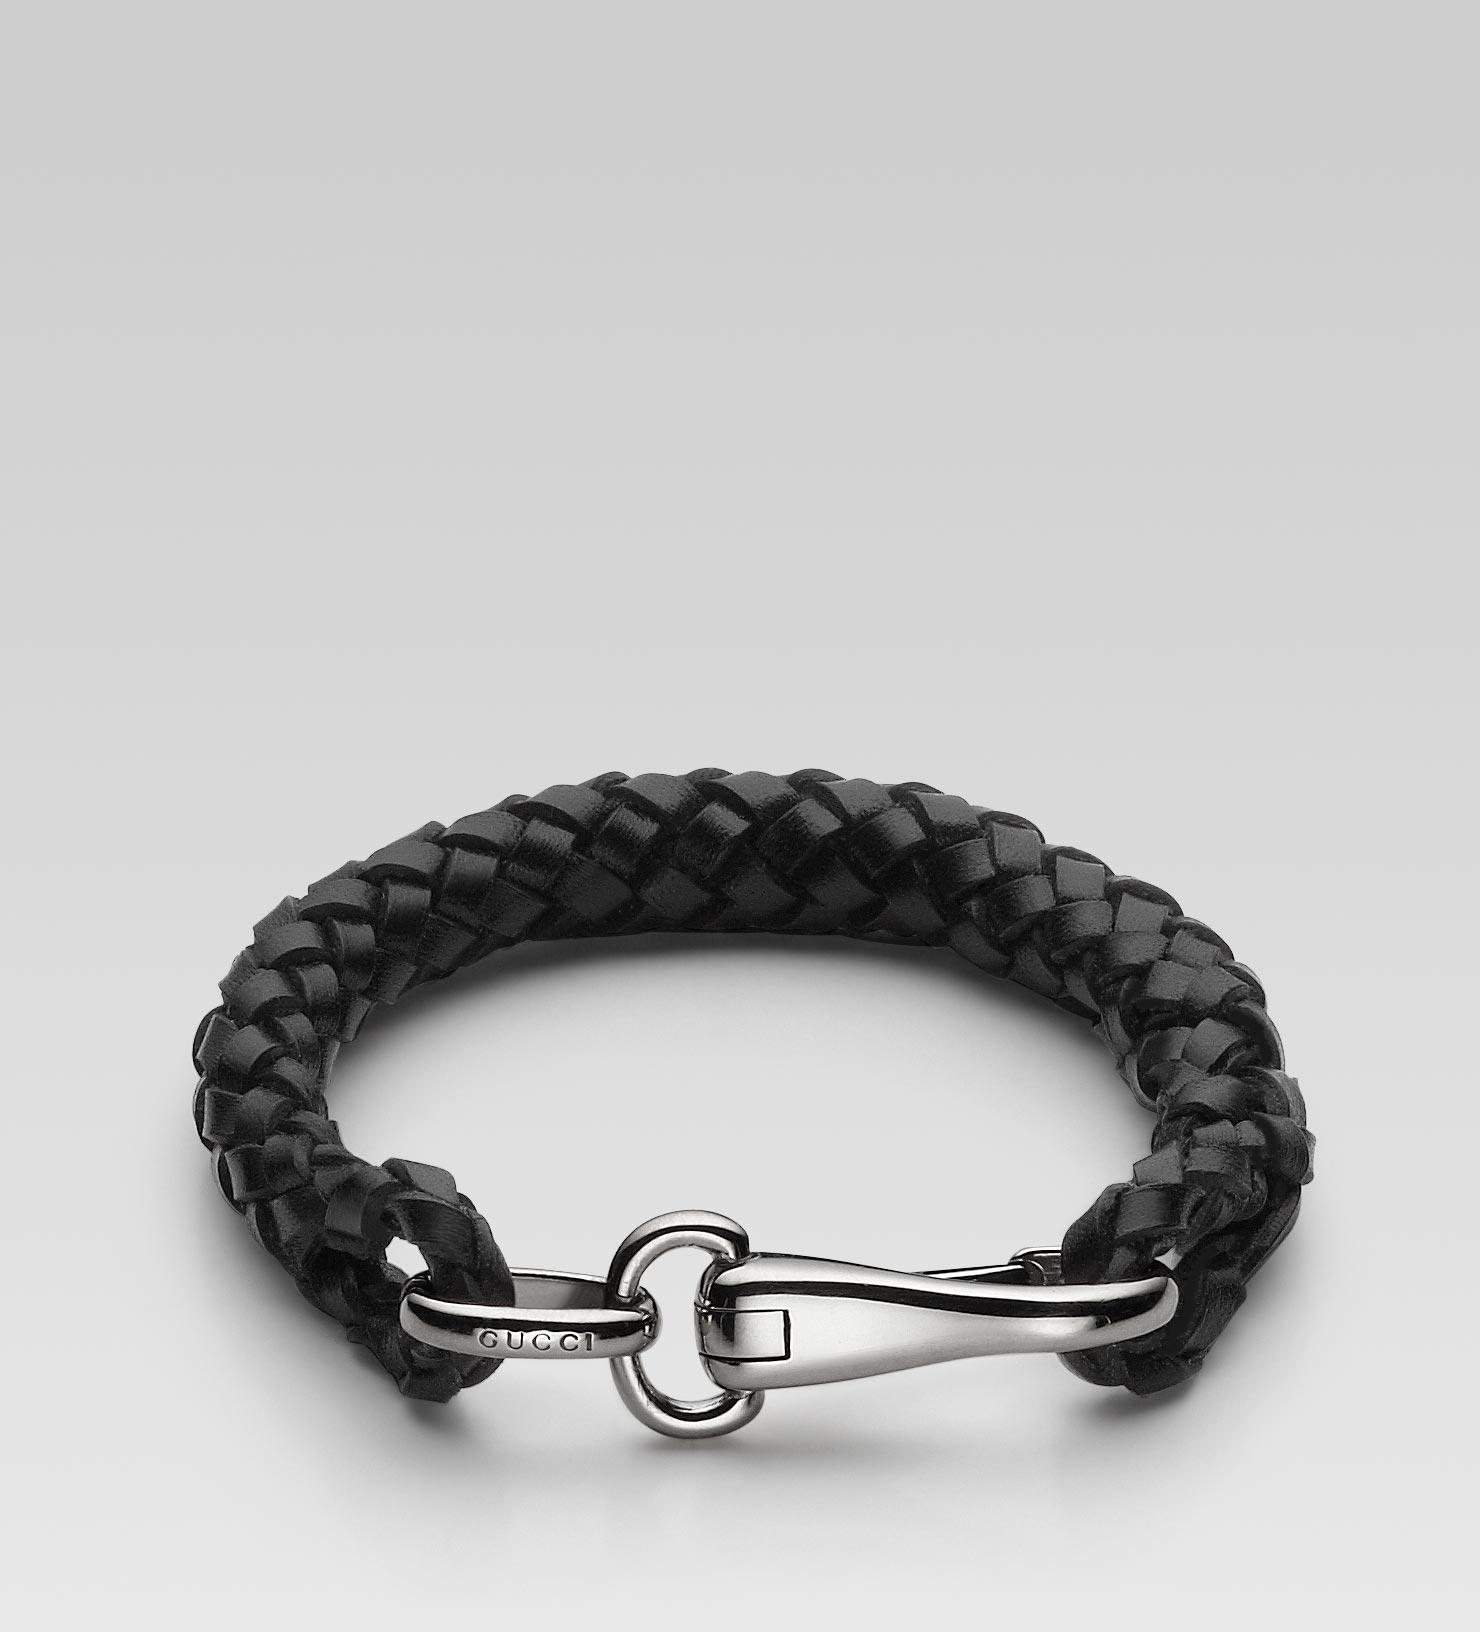 737741474af3 Lyst Gucci Bracelet With Clasp In Black For Men